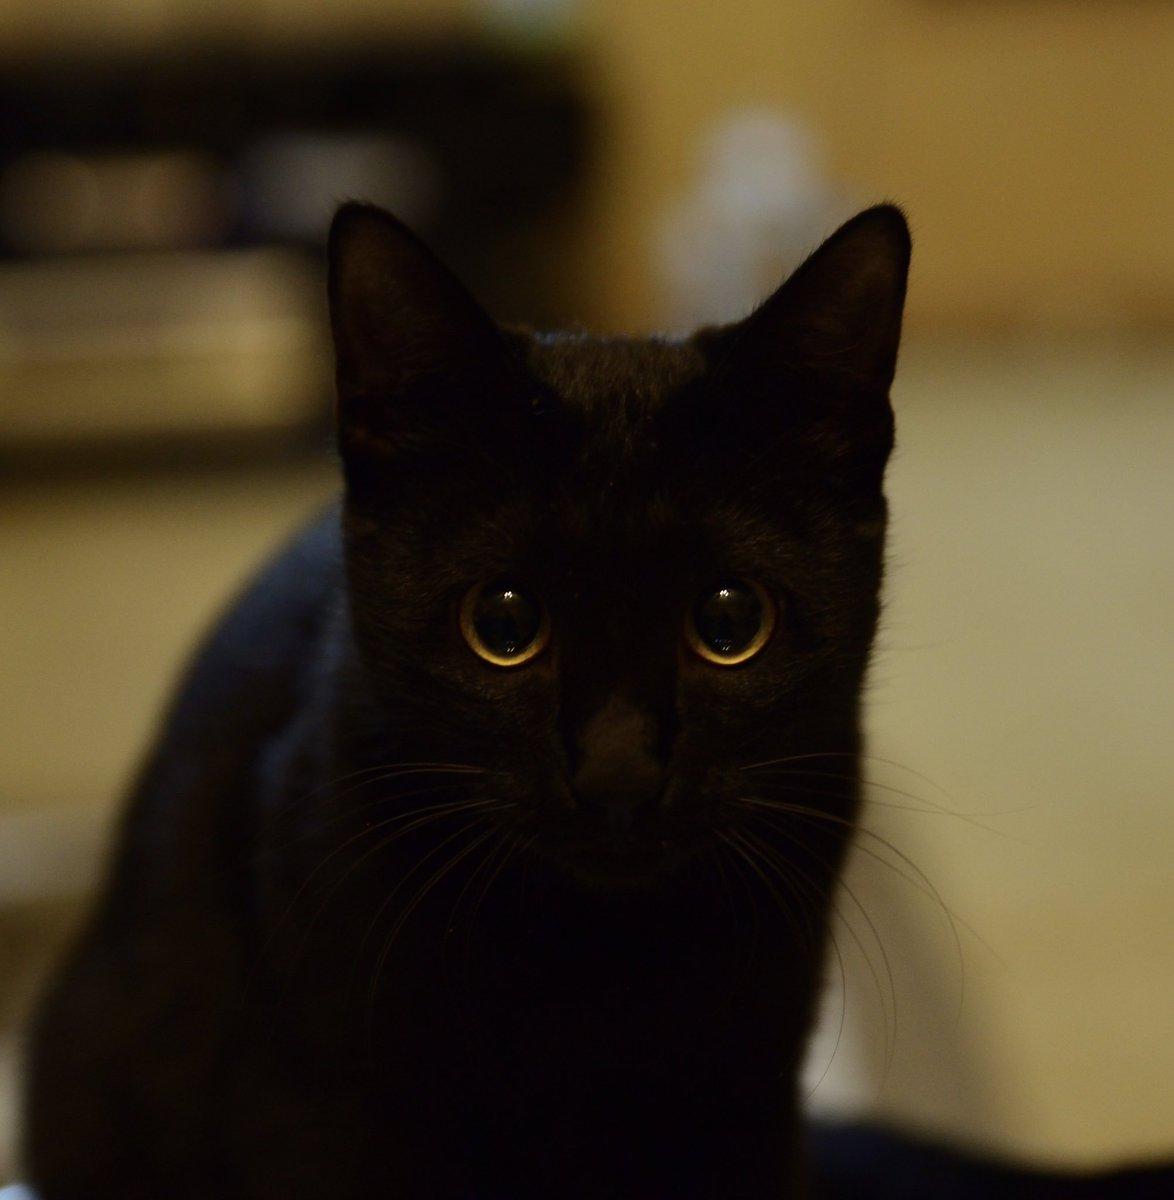 黒猫が不吉とかはヨーロッパのごく一部で日本は元から黒猫は縁起がいいし他ヨーロッパ全般でも福をもたらす言い伝え多いんだけどなあ。あとめちゃあまえんぼ。 pic.twitter.com/K5cqq3uHRm